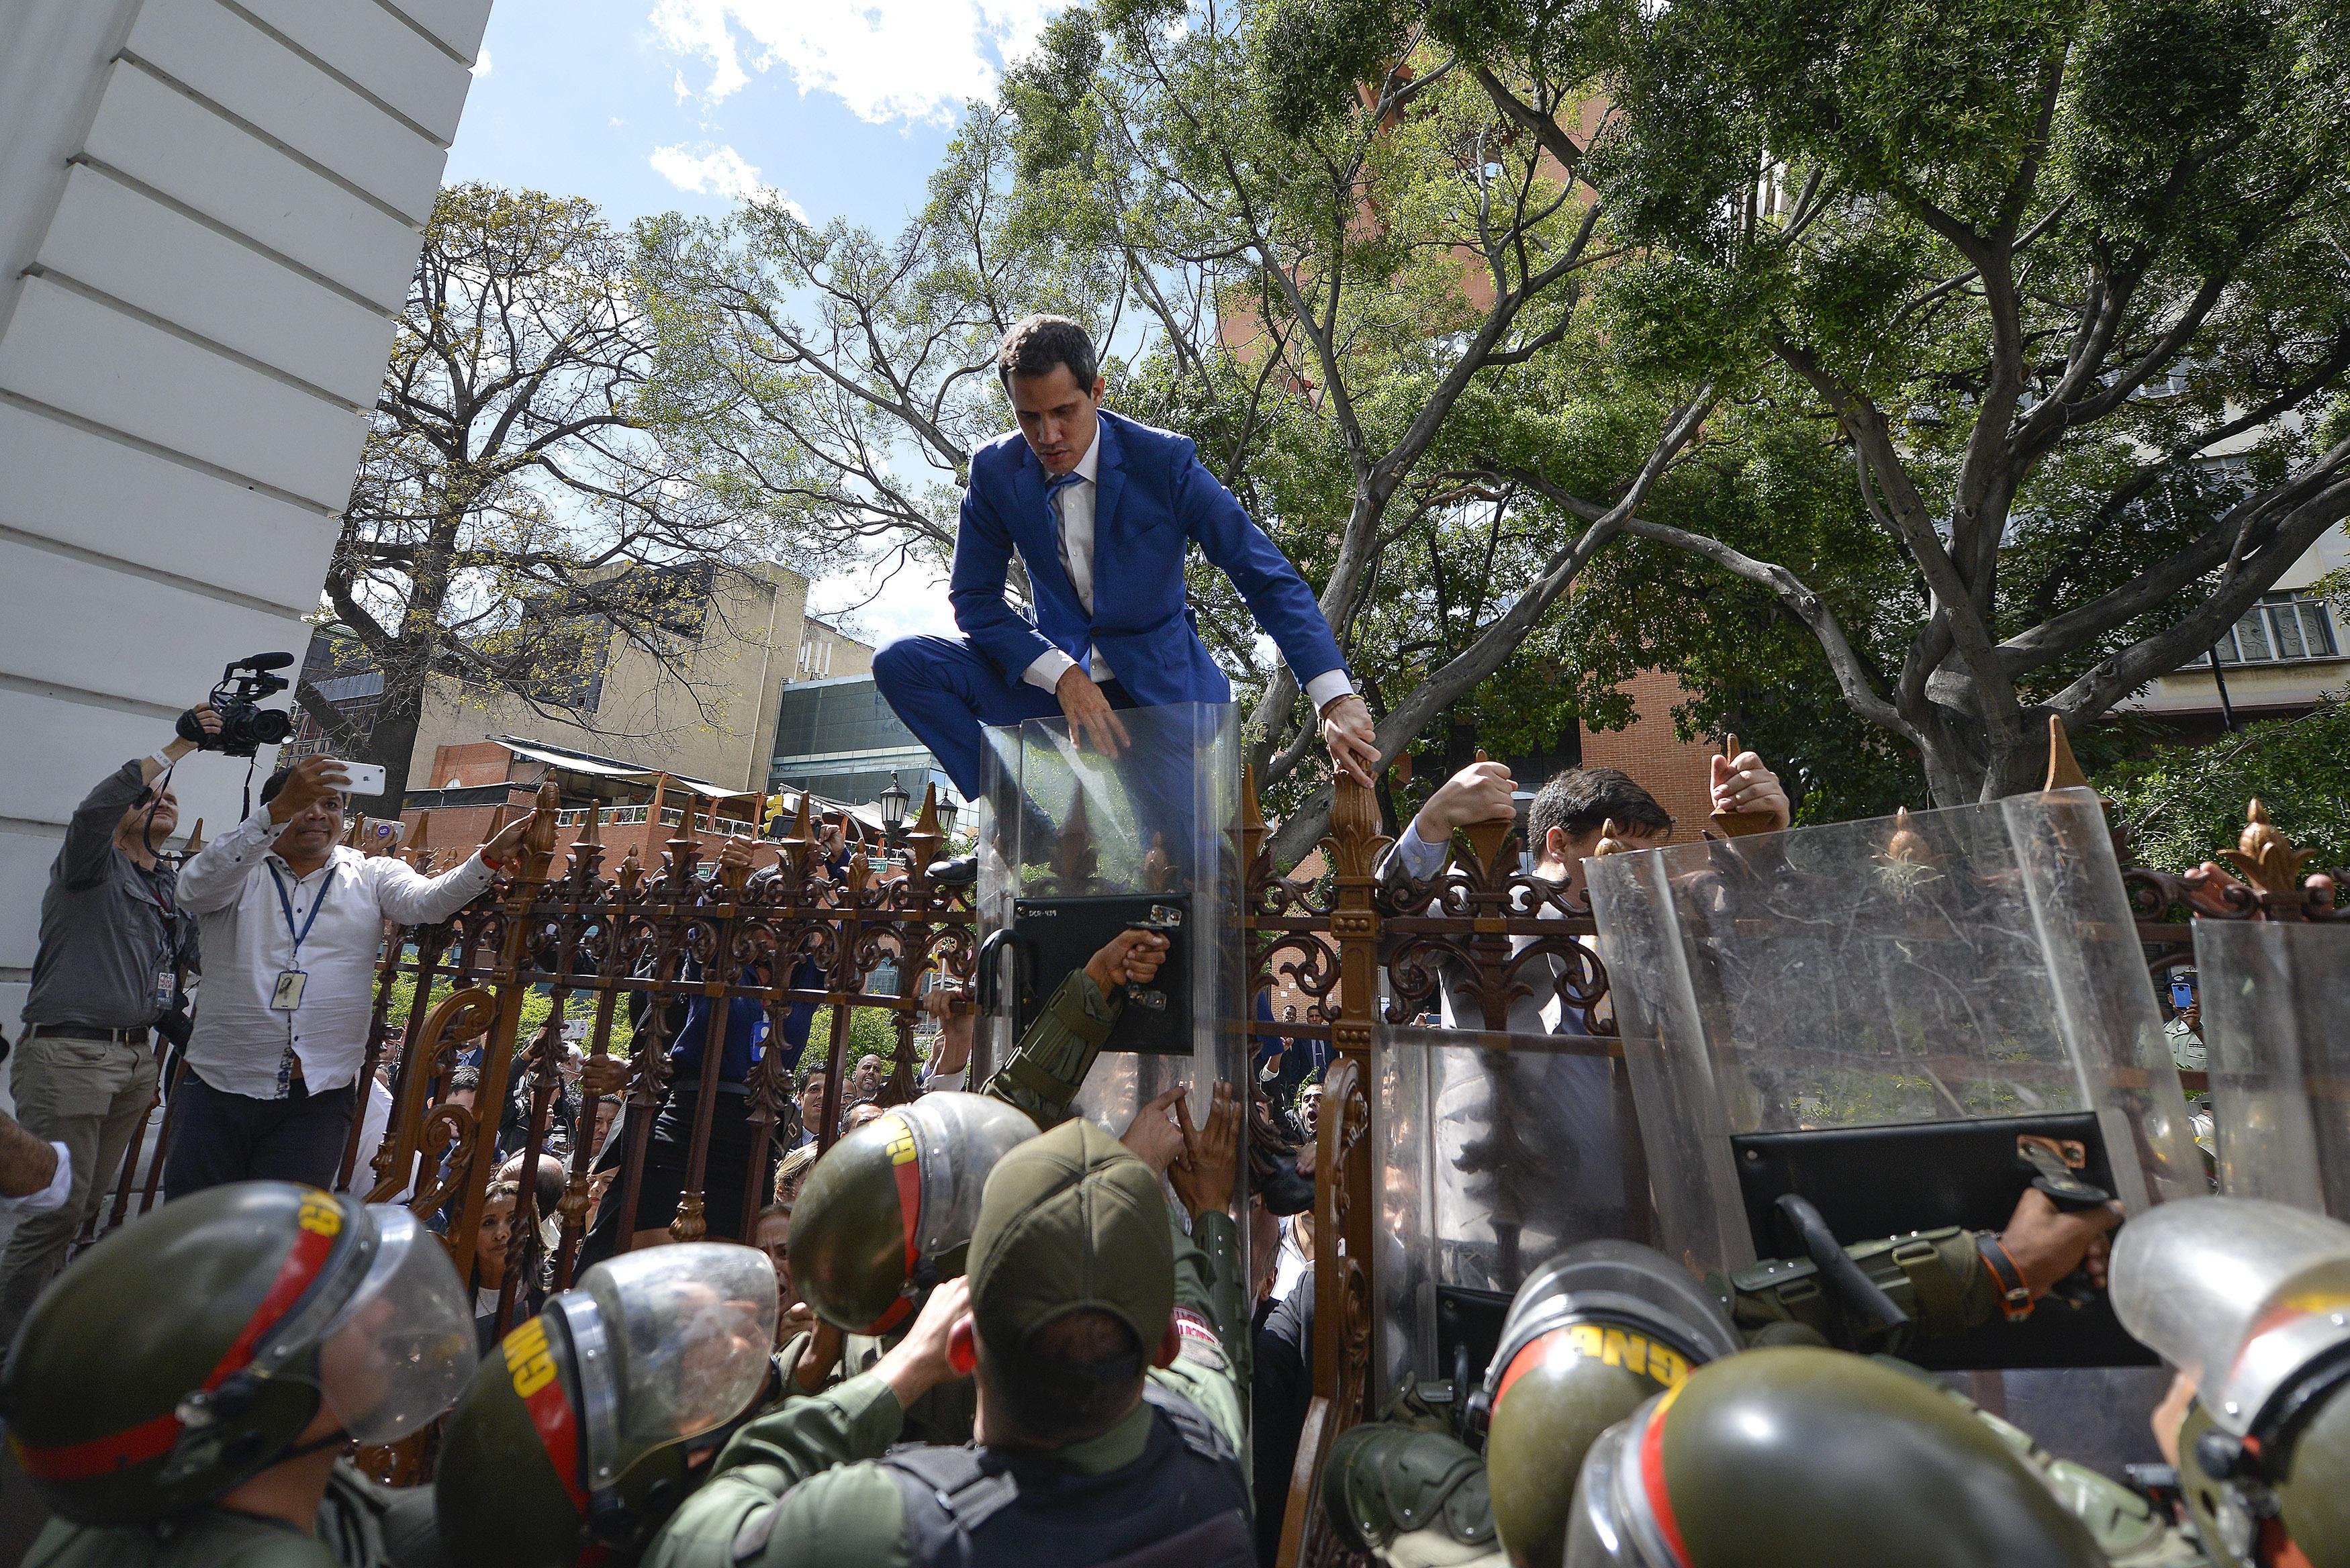 ვენესუელაში ხუან გუაიდო ეროვნული საბჭოს შენობაში შეიჭრა, სპიკერის სკამი დაიკავა და პრეზიდენტის ფიცი დადო